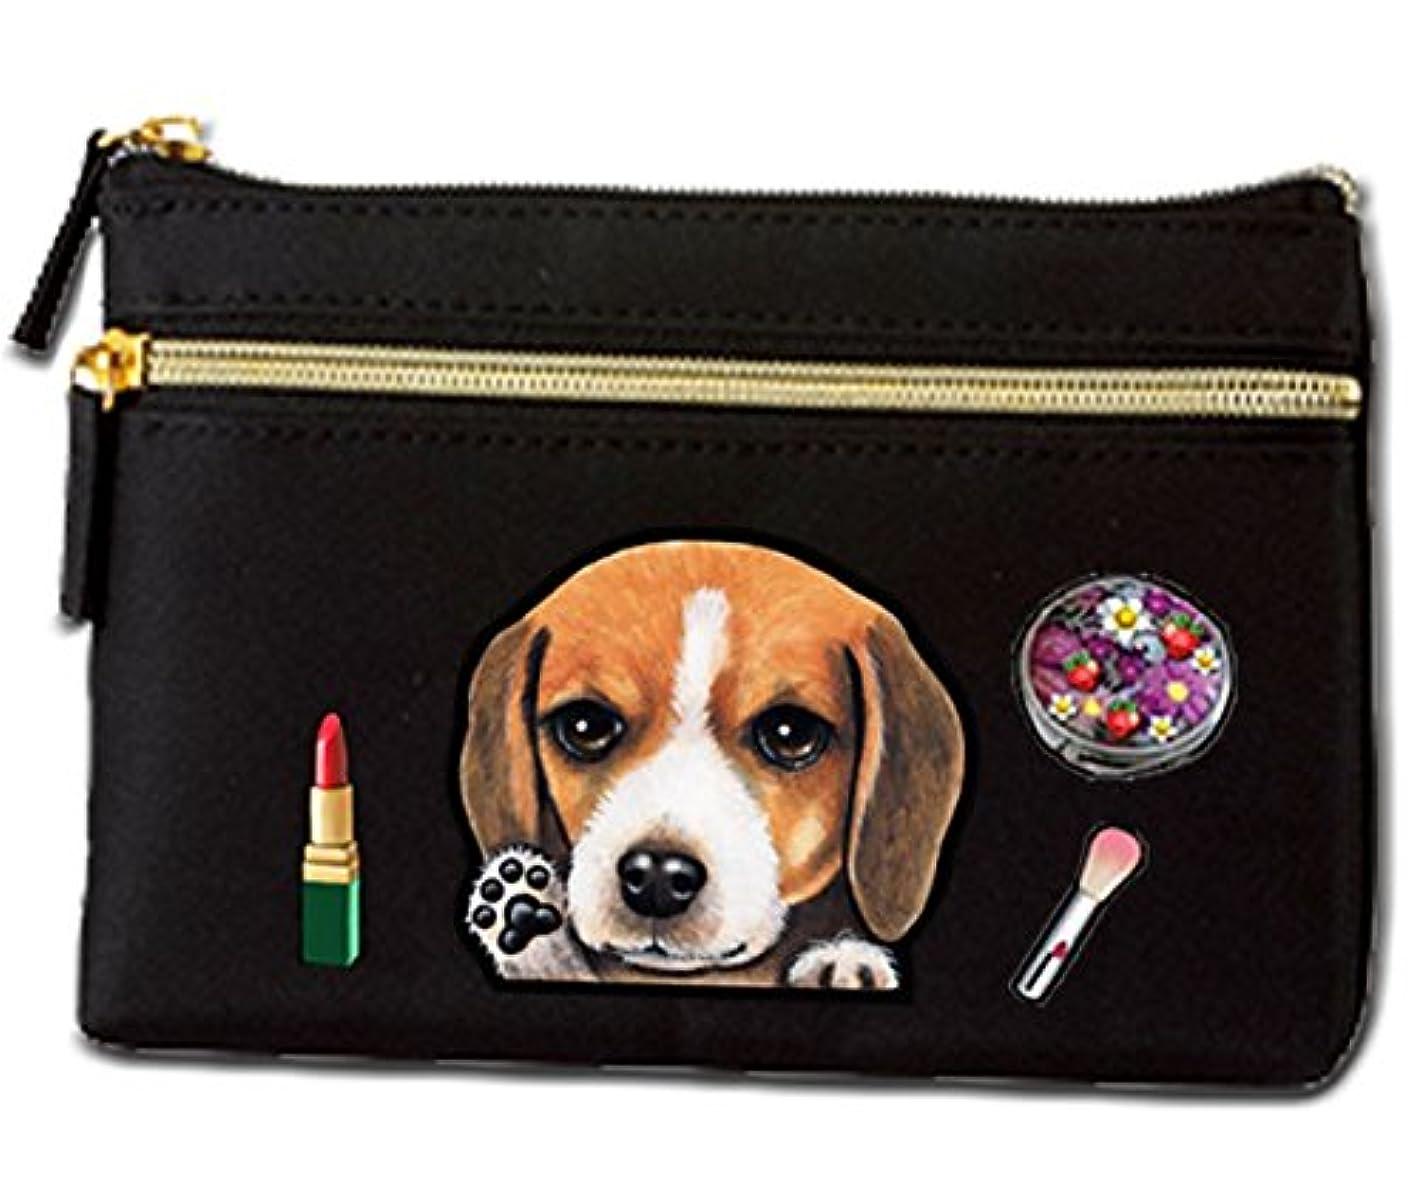 メールを書くパシフィックハイランド犬 ポーチ / ビーグル6/雑貨/グッズ/オリジナル